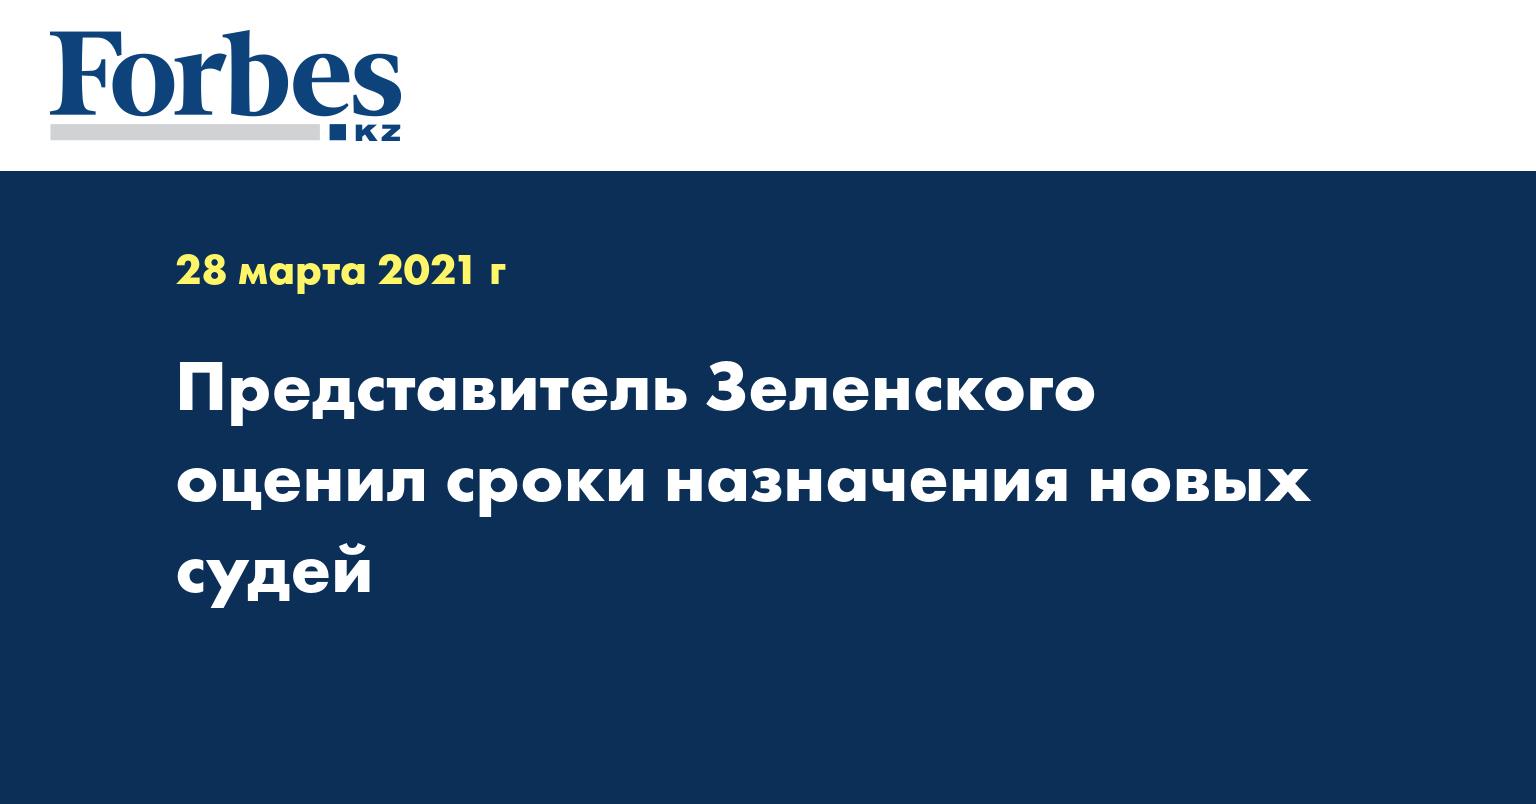 Представитель Зеленского оценил сроки назначения новых судей